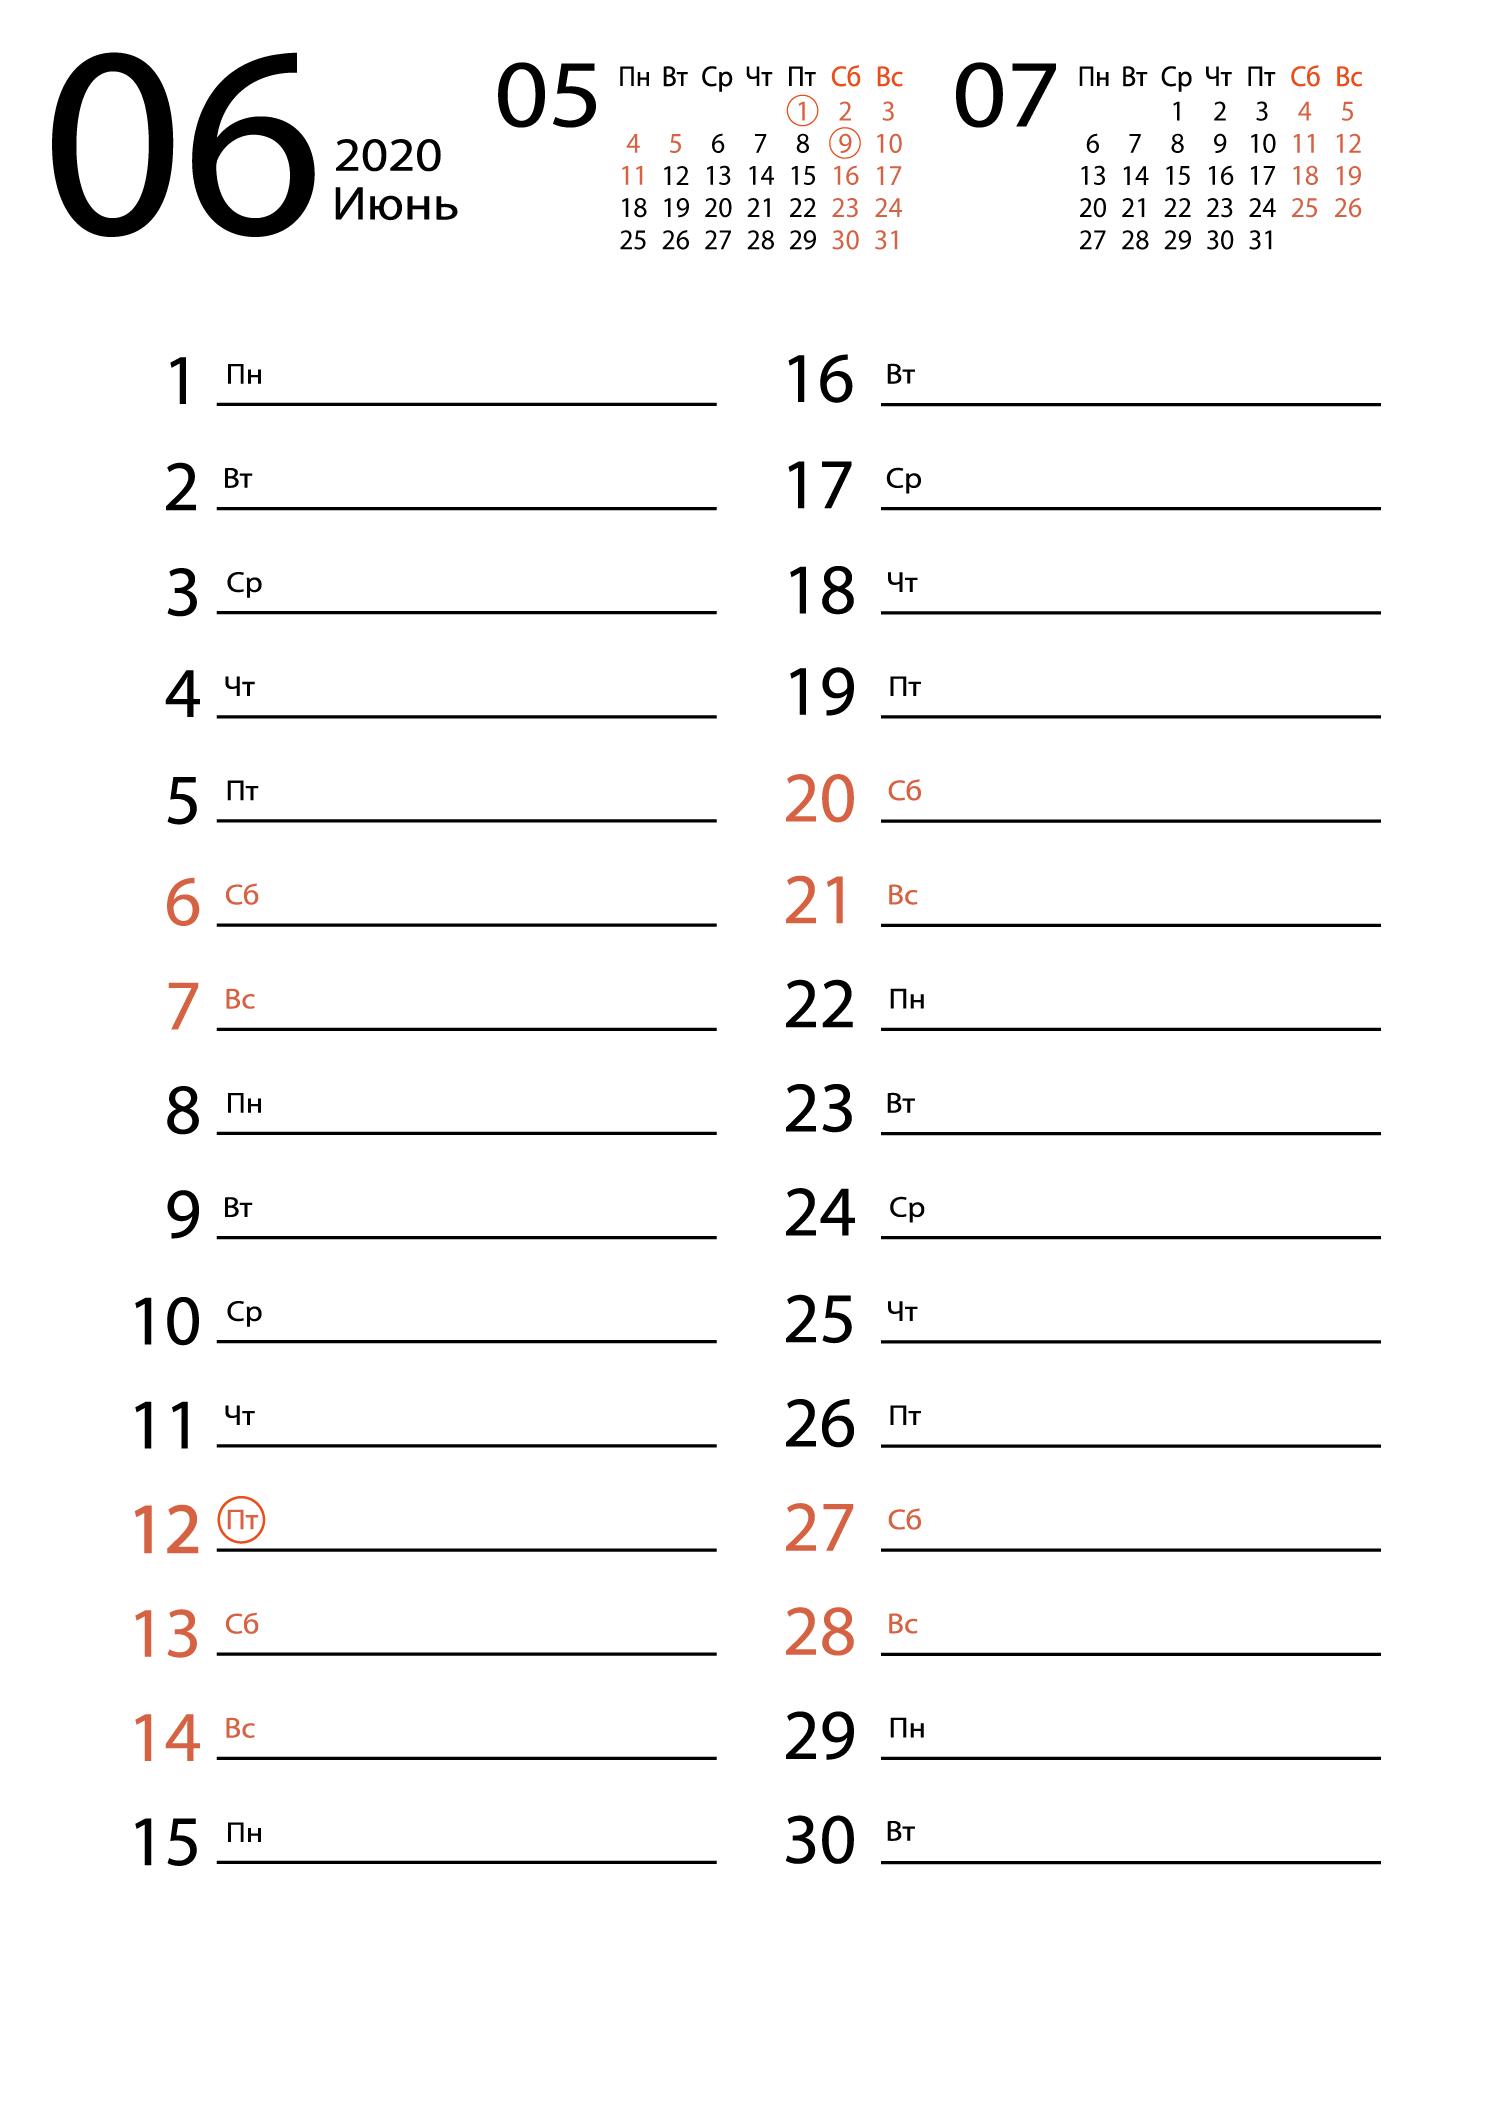 Печать календаря на июнь 2020 для заметок